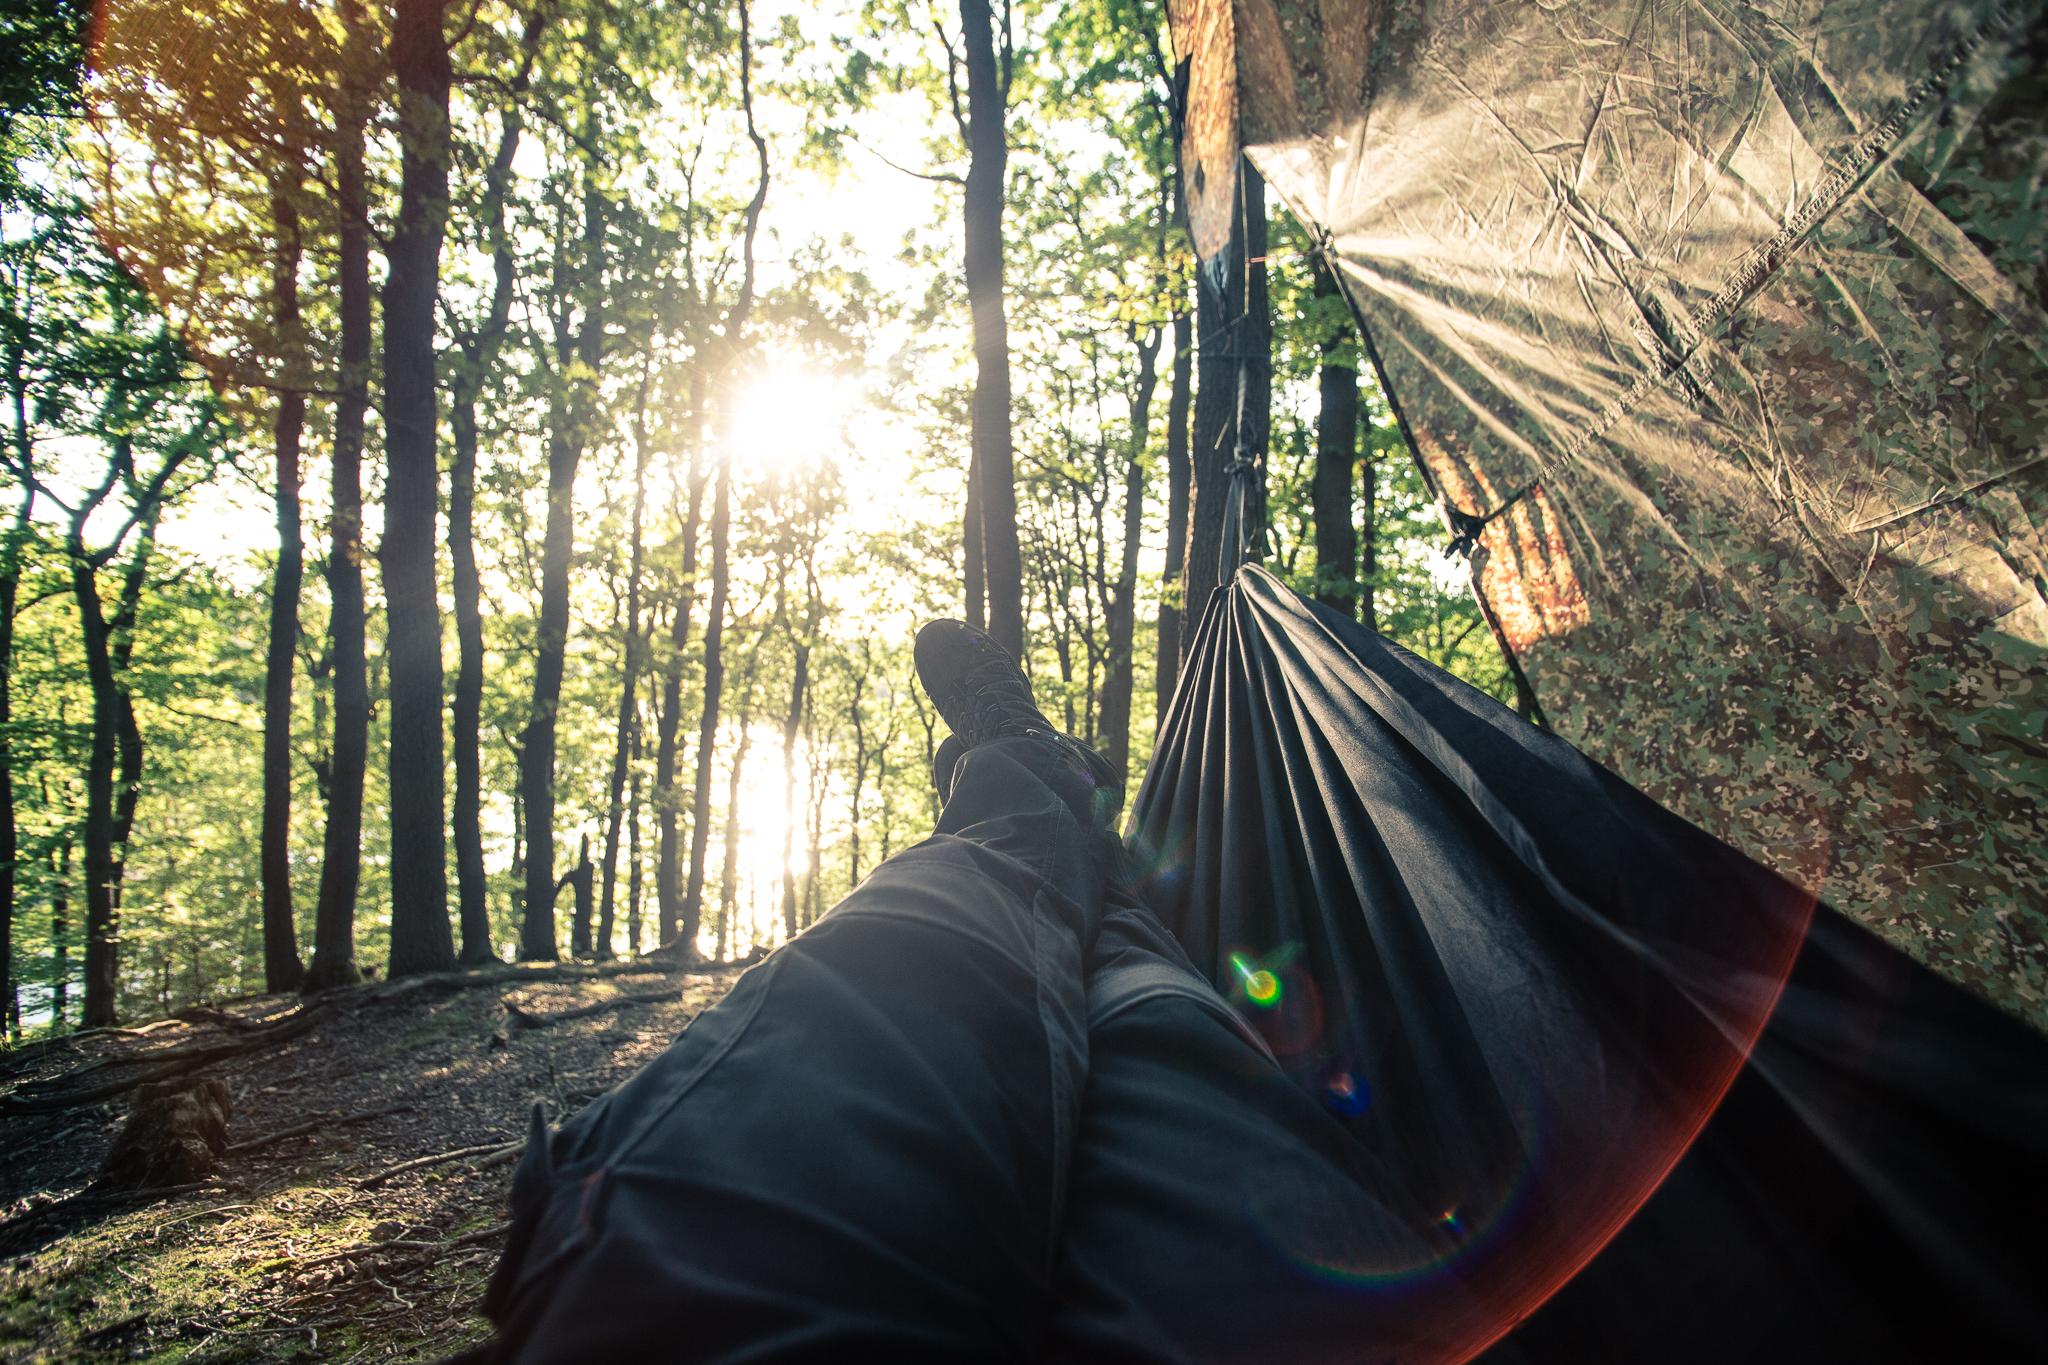 In der Hängematte liegen und einfach mal entspannen.